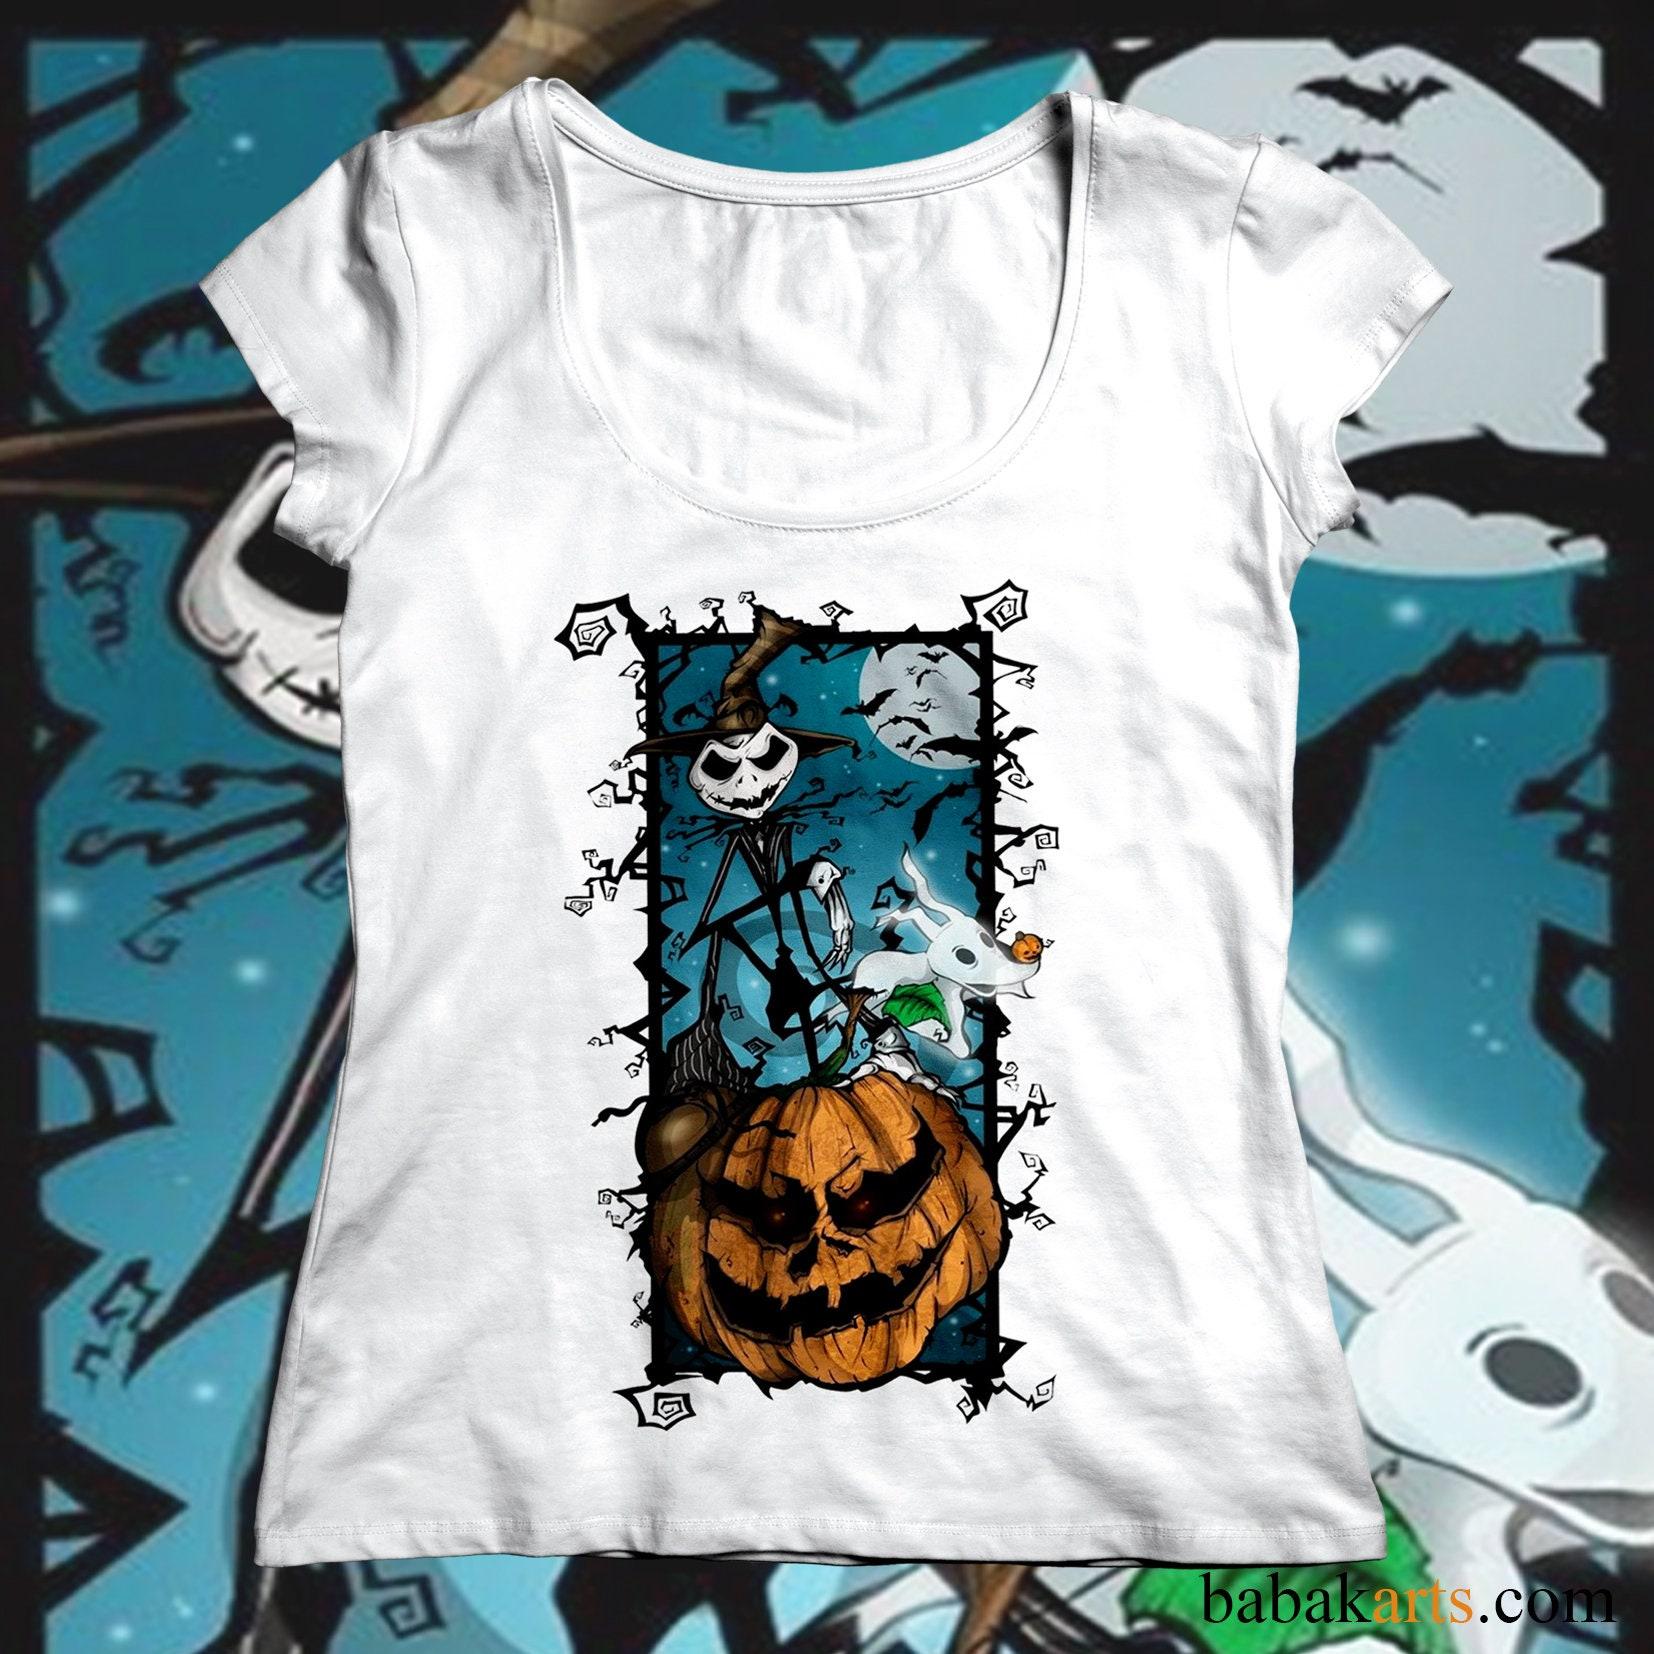 Halloween Shirts - Nightmare before Christmas - Jack Skellington in ...